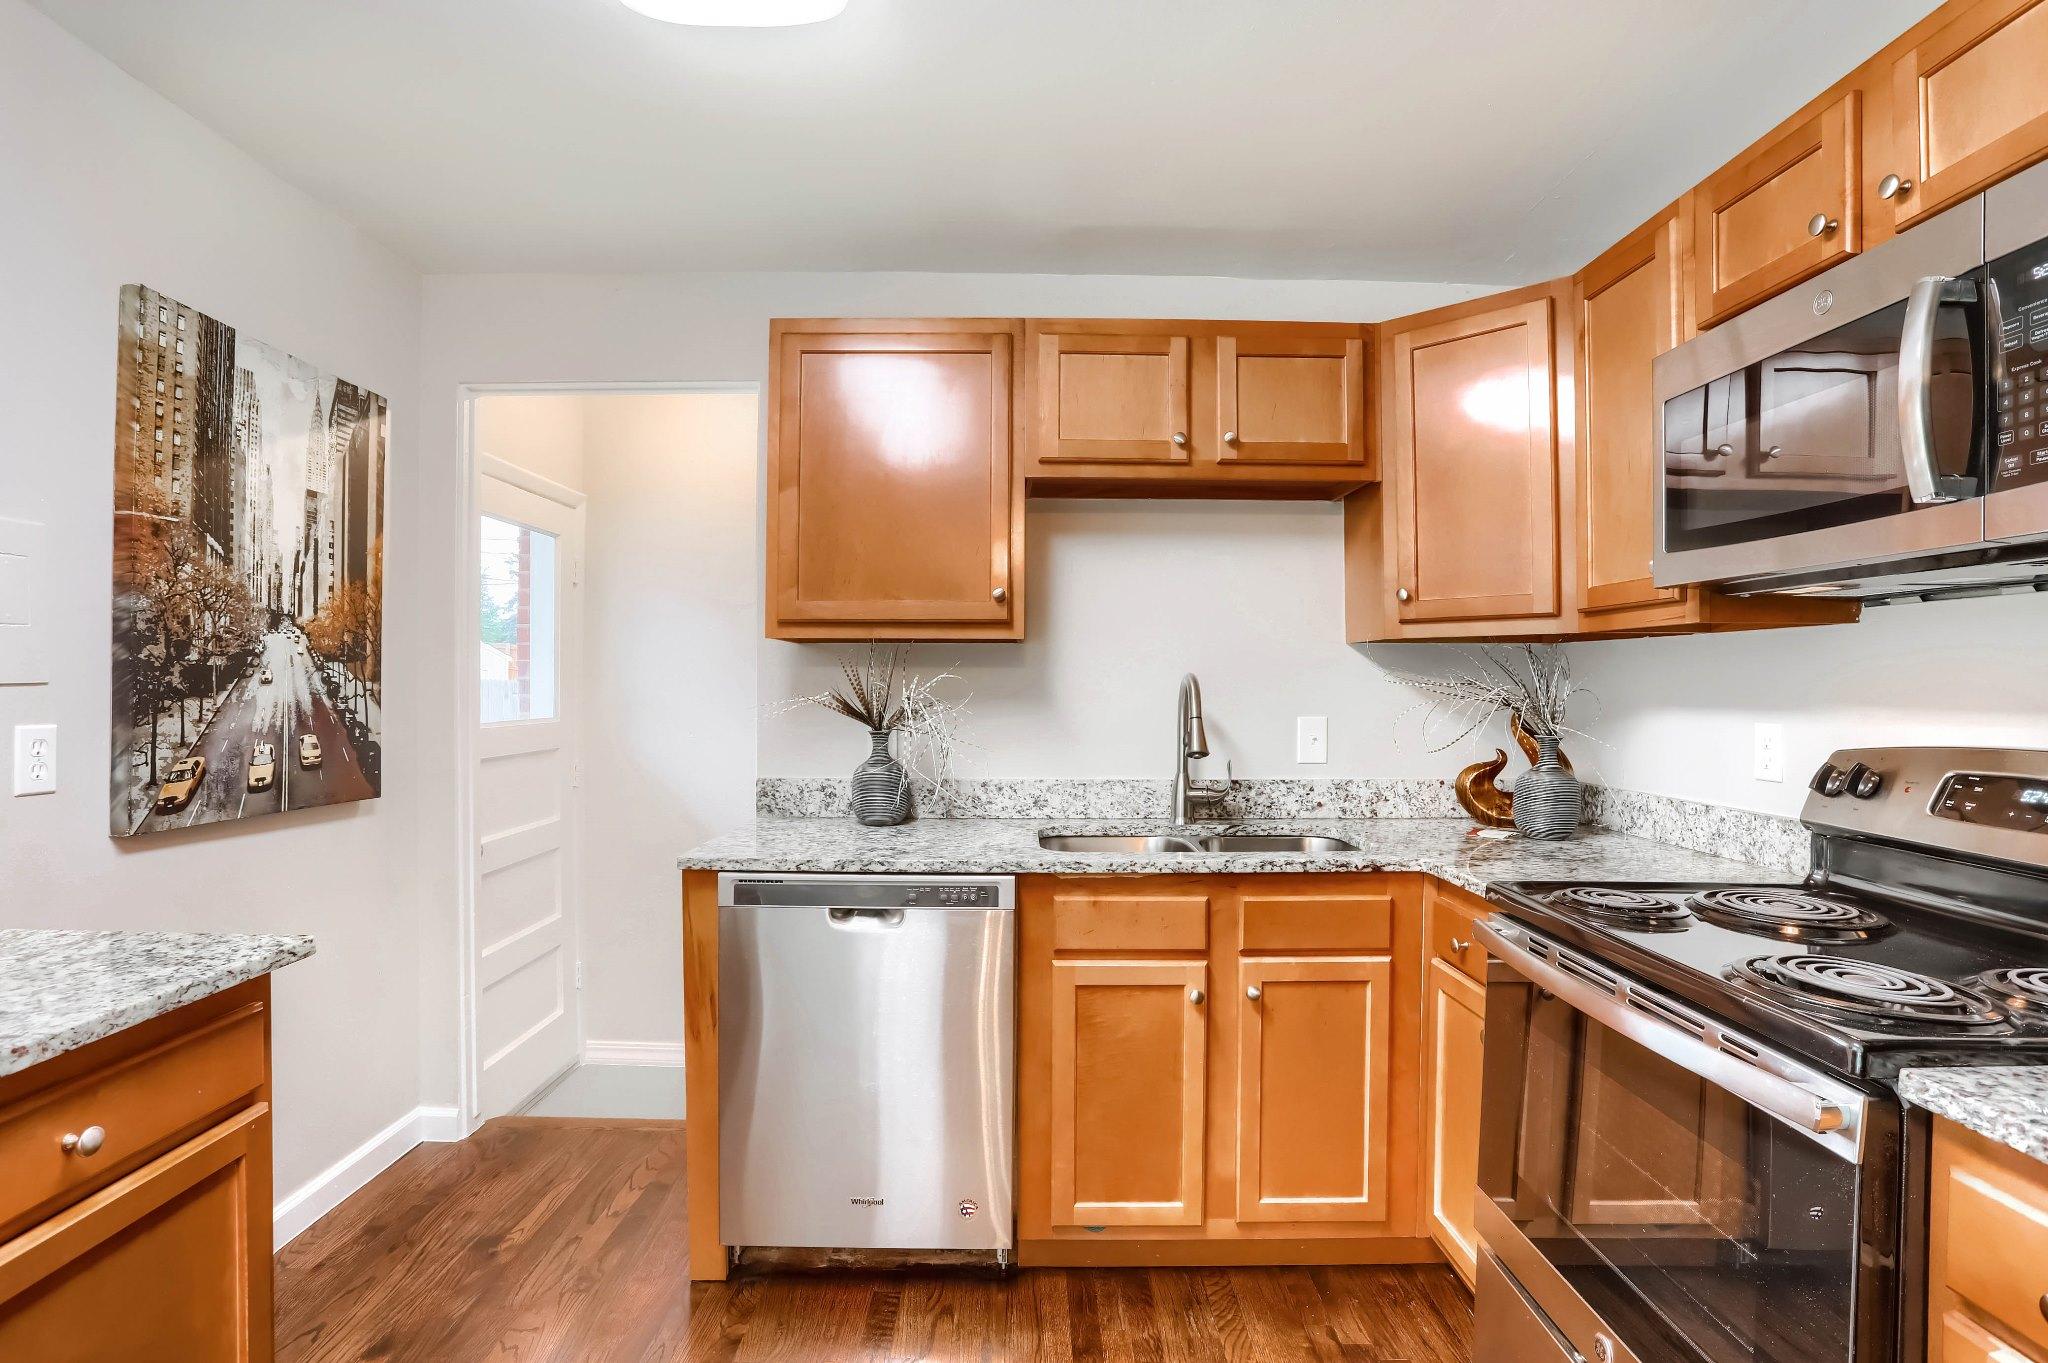 REAL ESTATE LISTING: 1309 Douglas Dr Denver Remodeled Kitchen